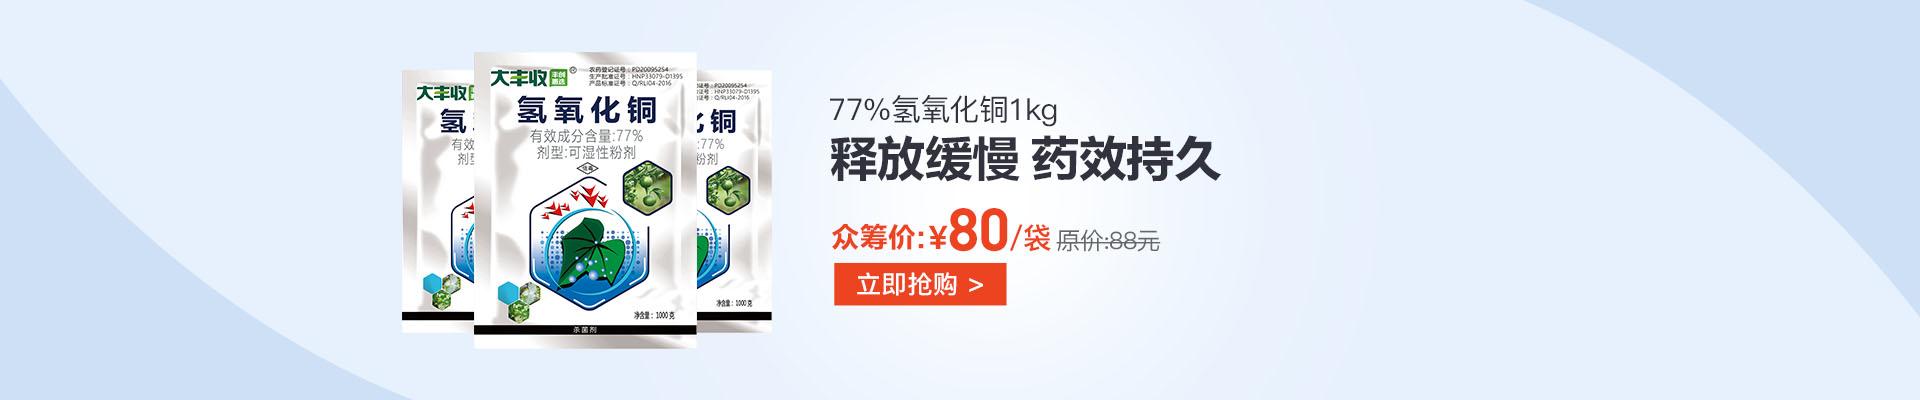 【7月】众筹-77%氢氧化铜可湿性粉剂